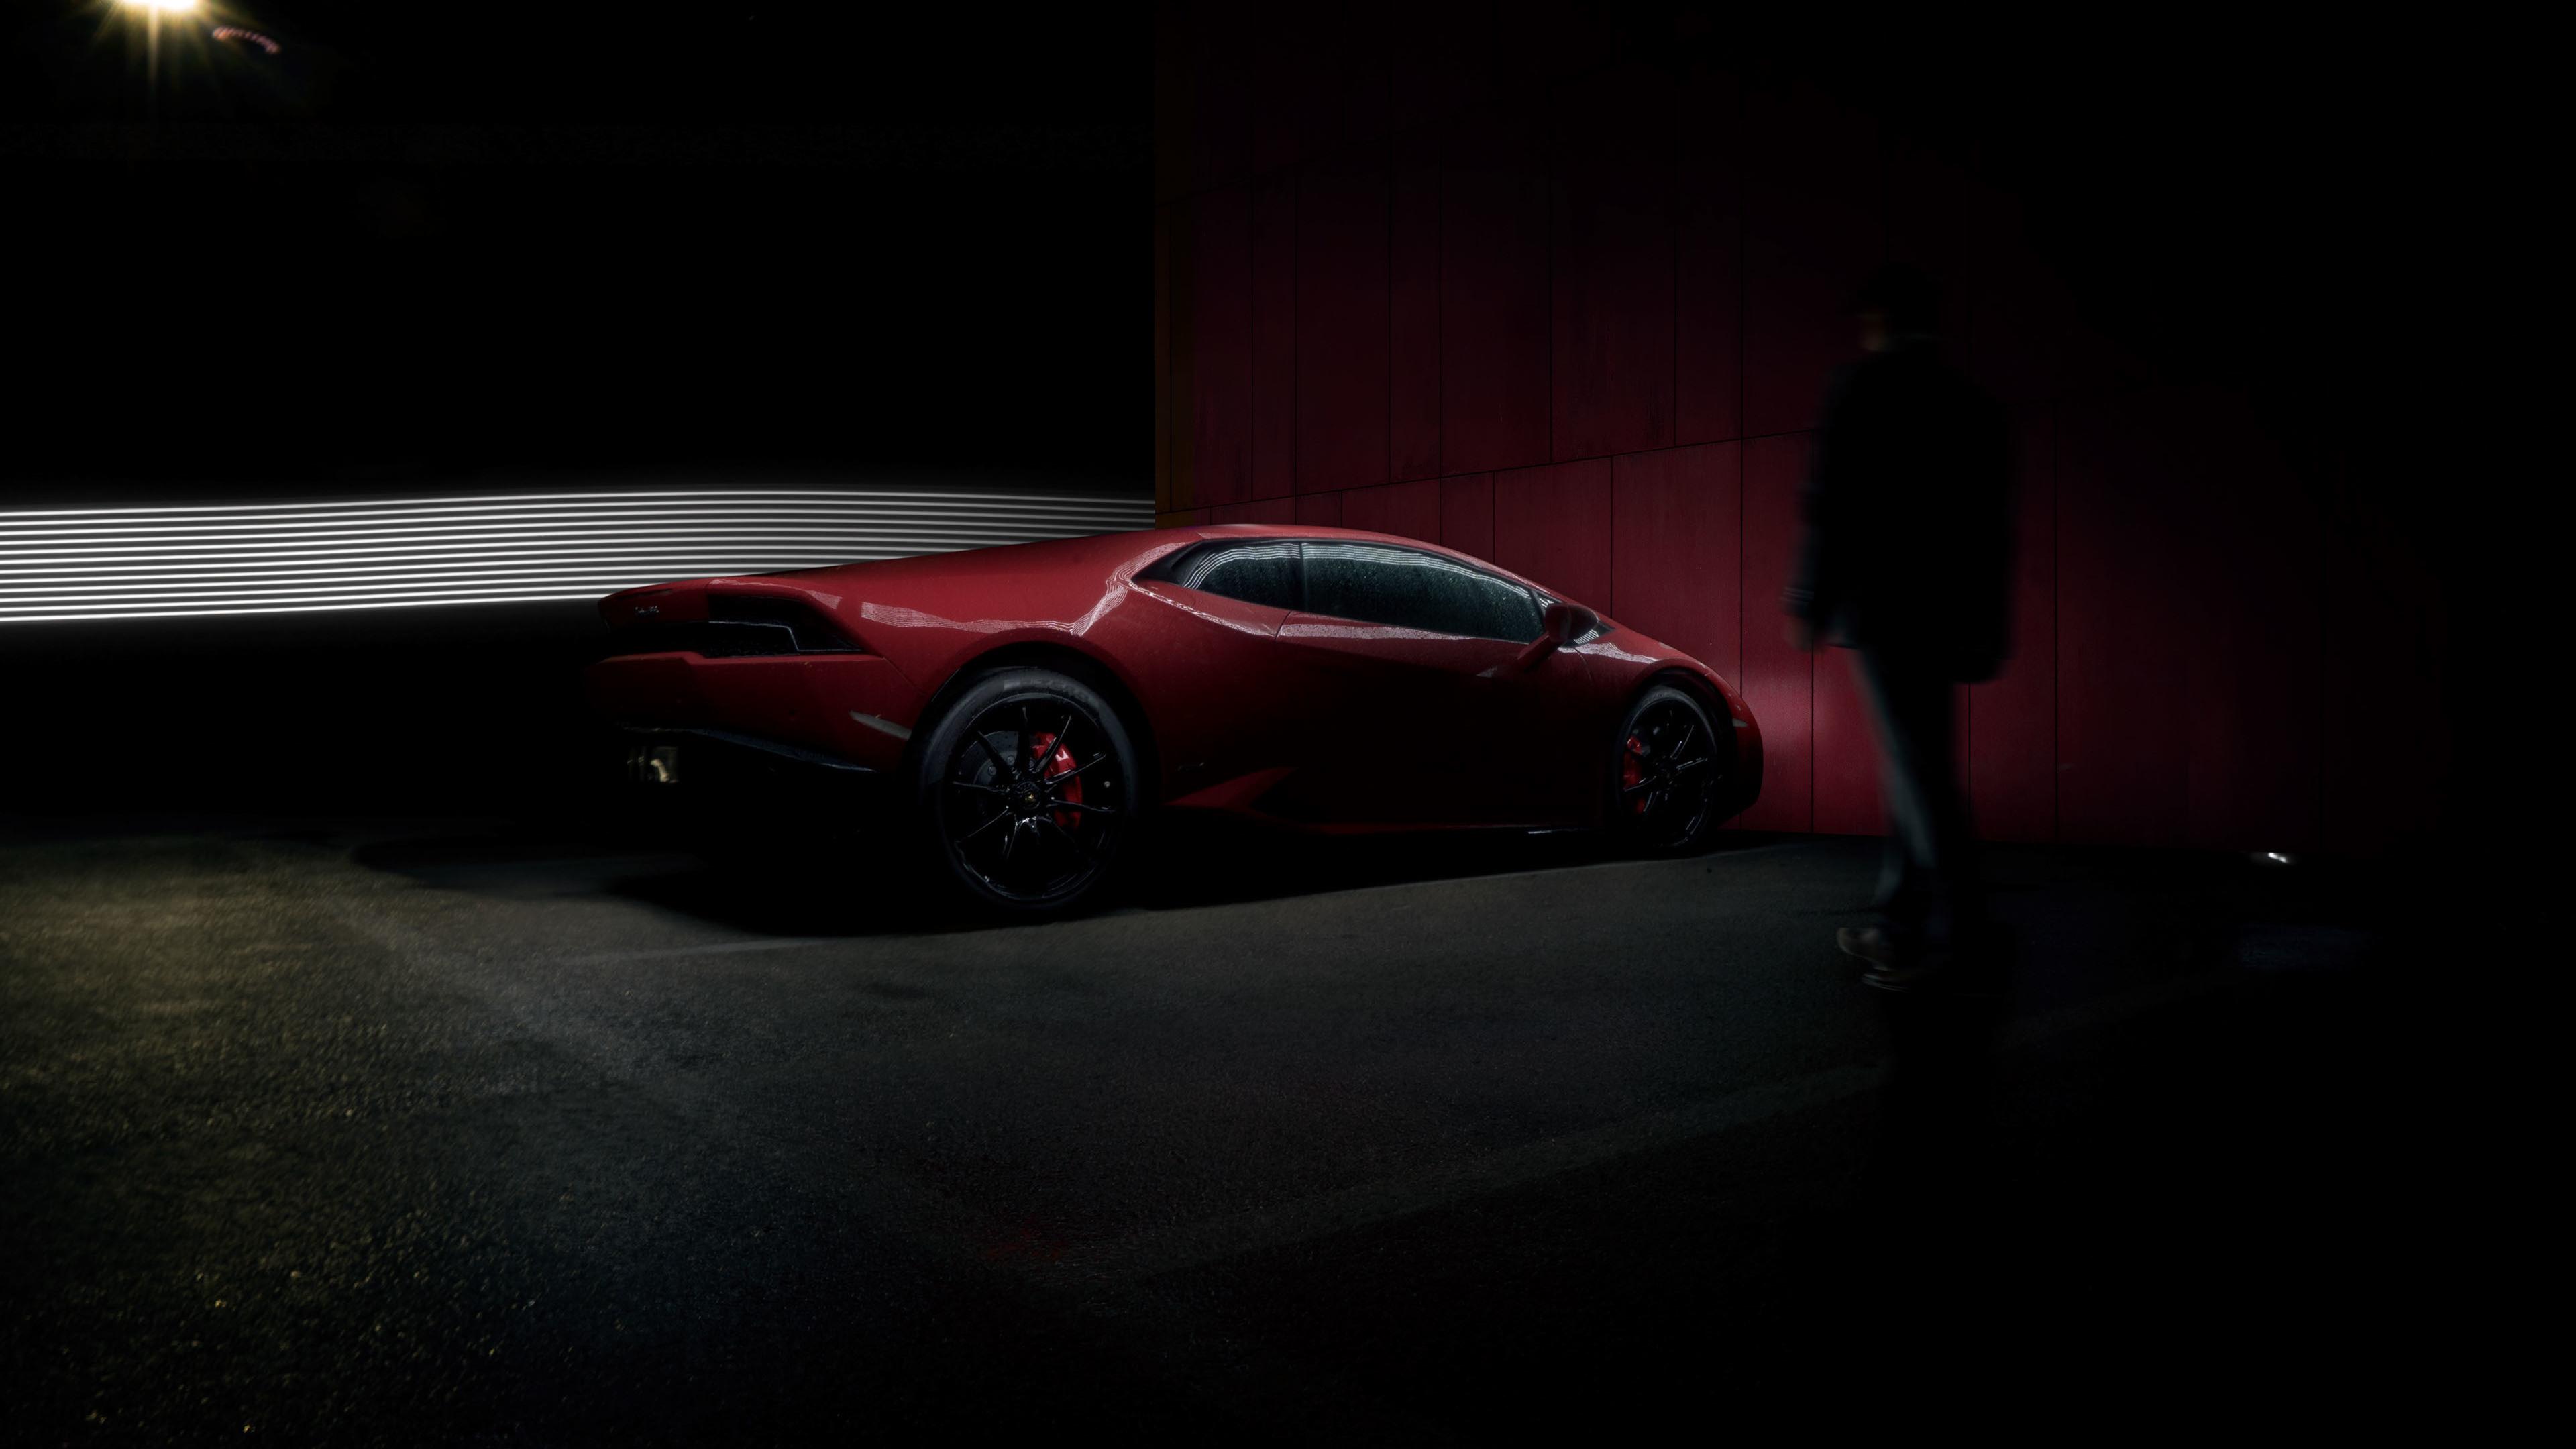 red lamborghini huracan rear 4k 1539114278 - Red Lamborghini Huracan Rear 4k - lamborghini wallpapers, lamborghini huracan wallpapers, hd-wallpapers, cars wallpapers, behance wallpapers, artist wallpapers, 4k-wallpapers